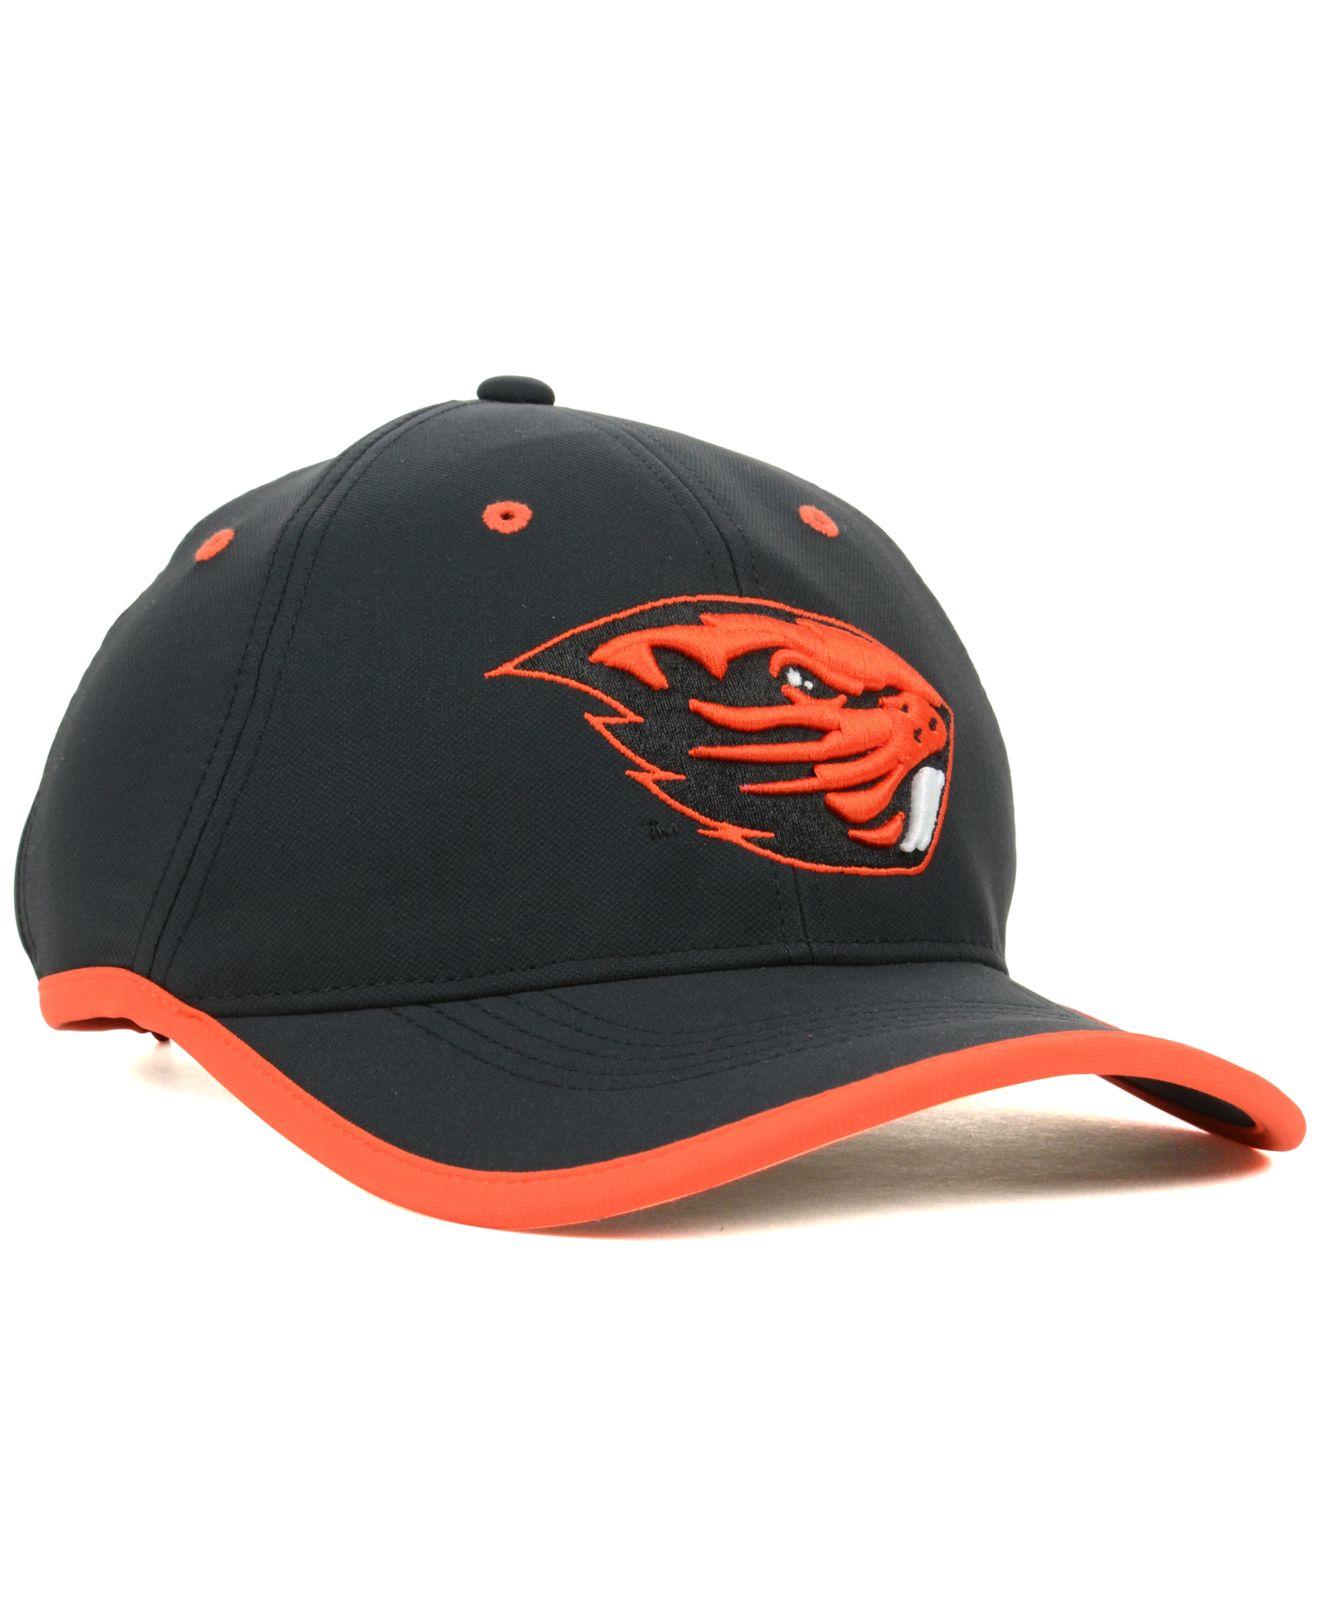 c86a83d127f48 Nike Oregon State Beavers Coaches Dri-Fit Cap in Black for Men - Lyst